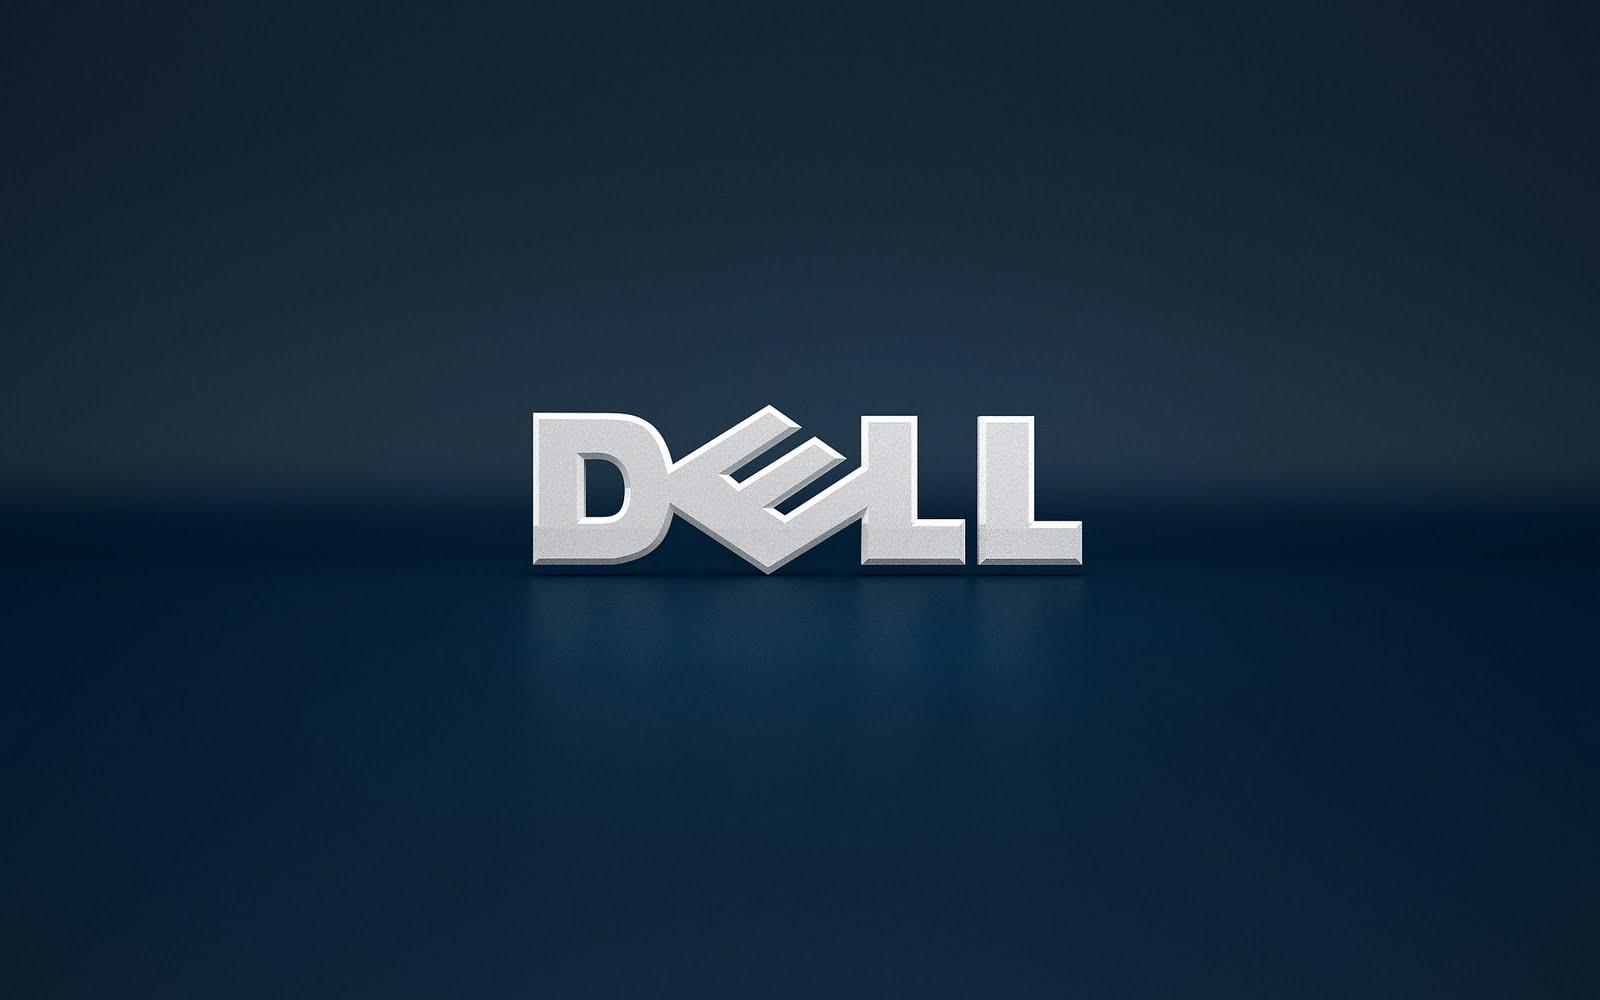 http://1.bp.blogspot.com/-ZGoAtURB9CQ/TgeGR6zgCDI/AAAAAAAAEkI/W5DspSLH-7Y/s1600/Dell_Wallpaper.jpg